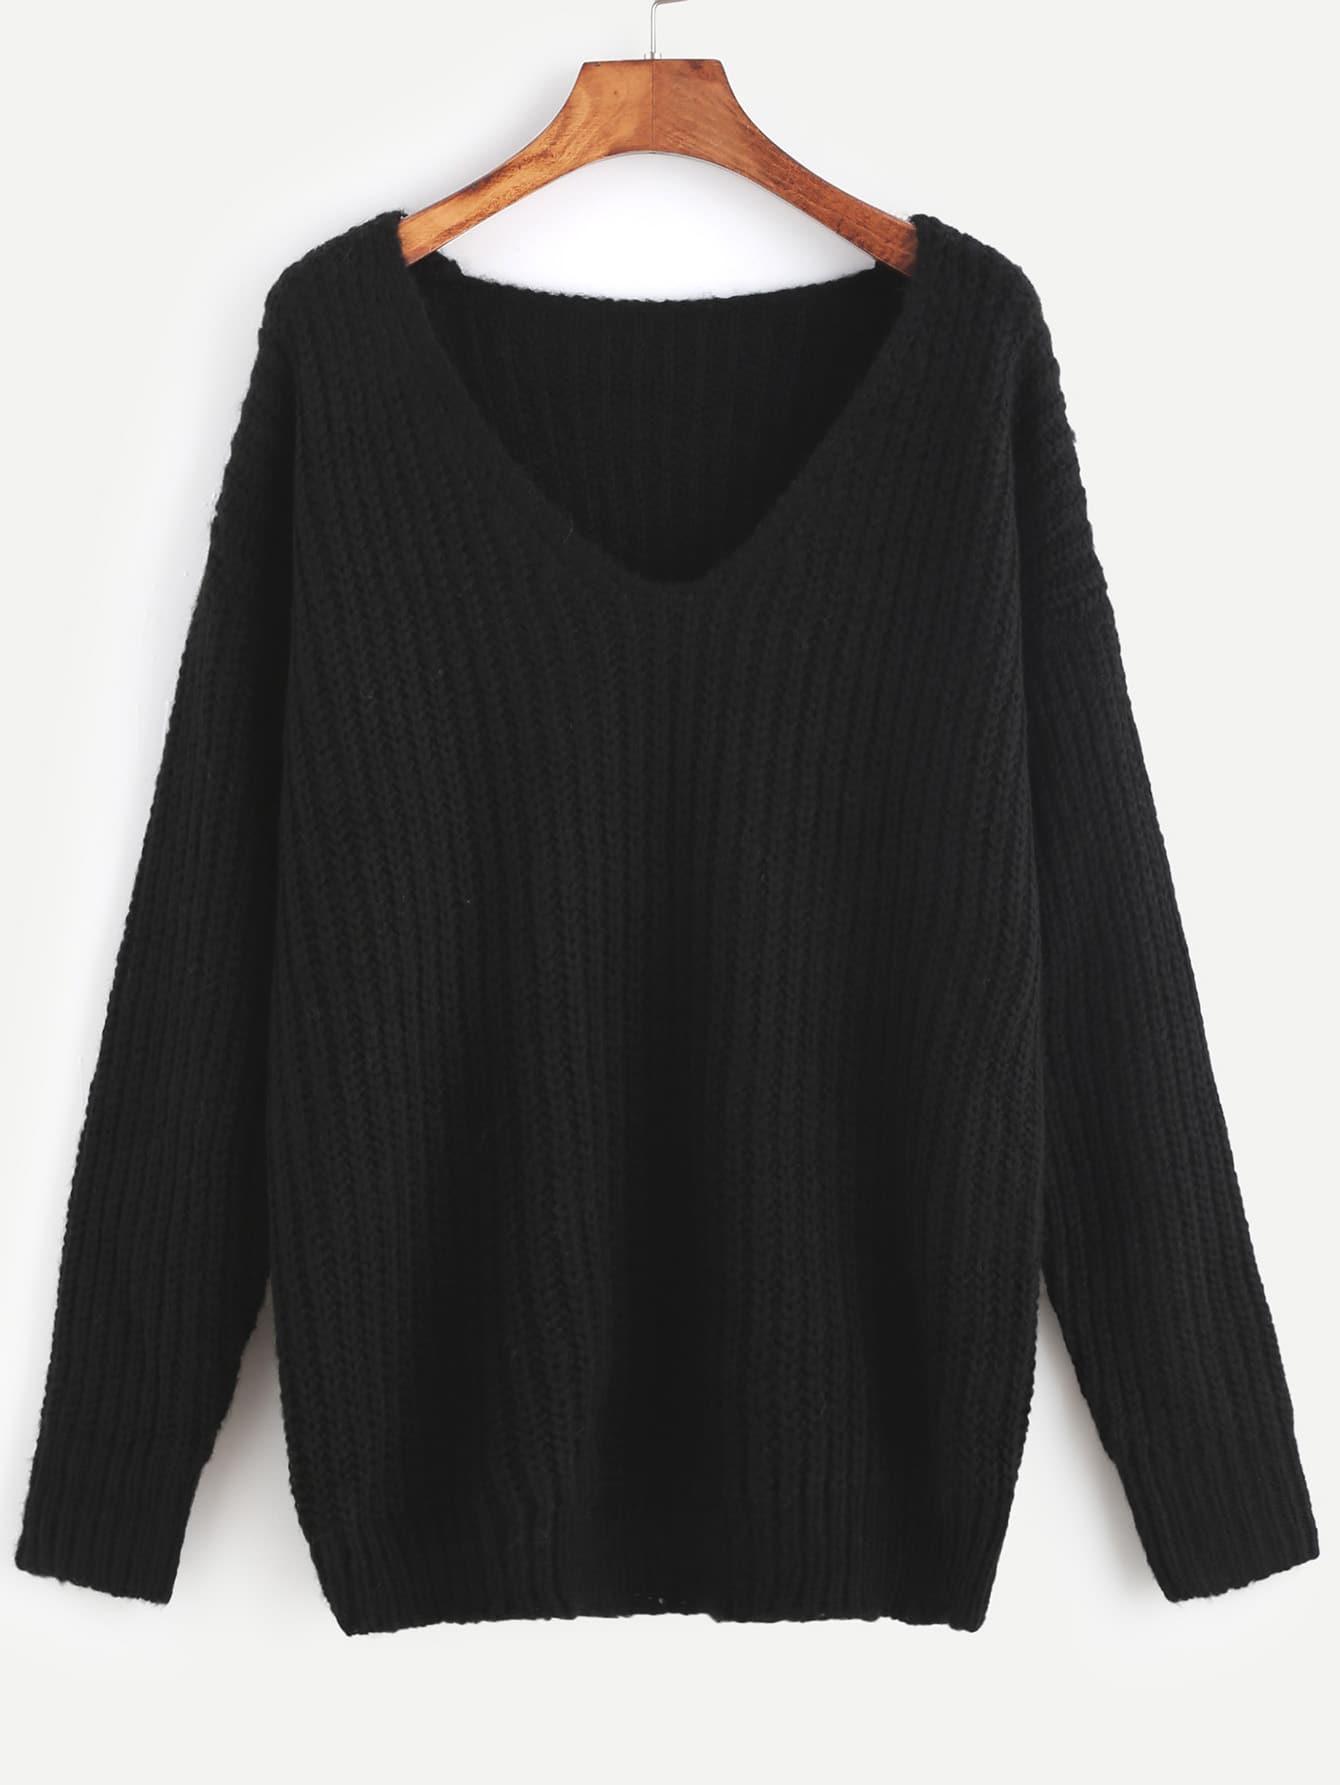 Black Ribbed Knit V Neck Drop Shoulder Sweater sweater161104401